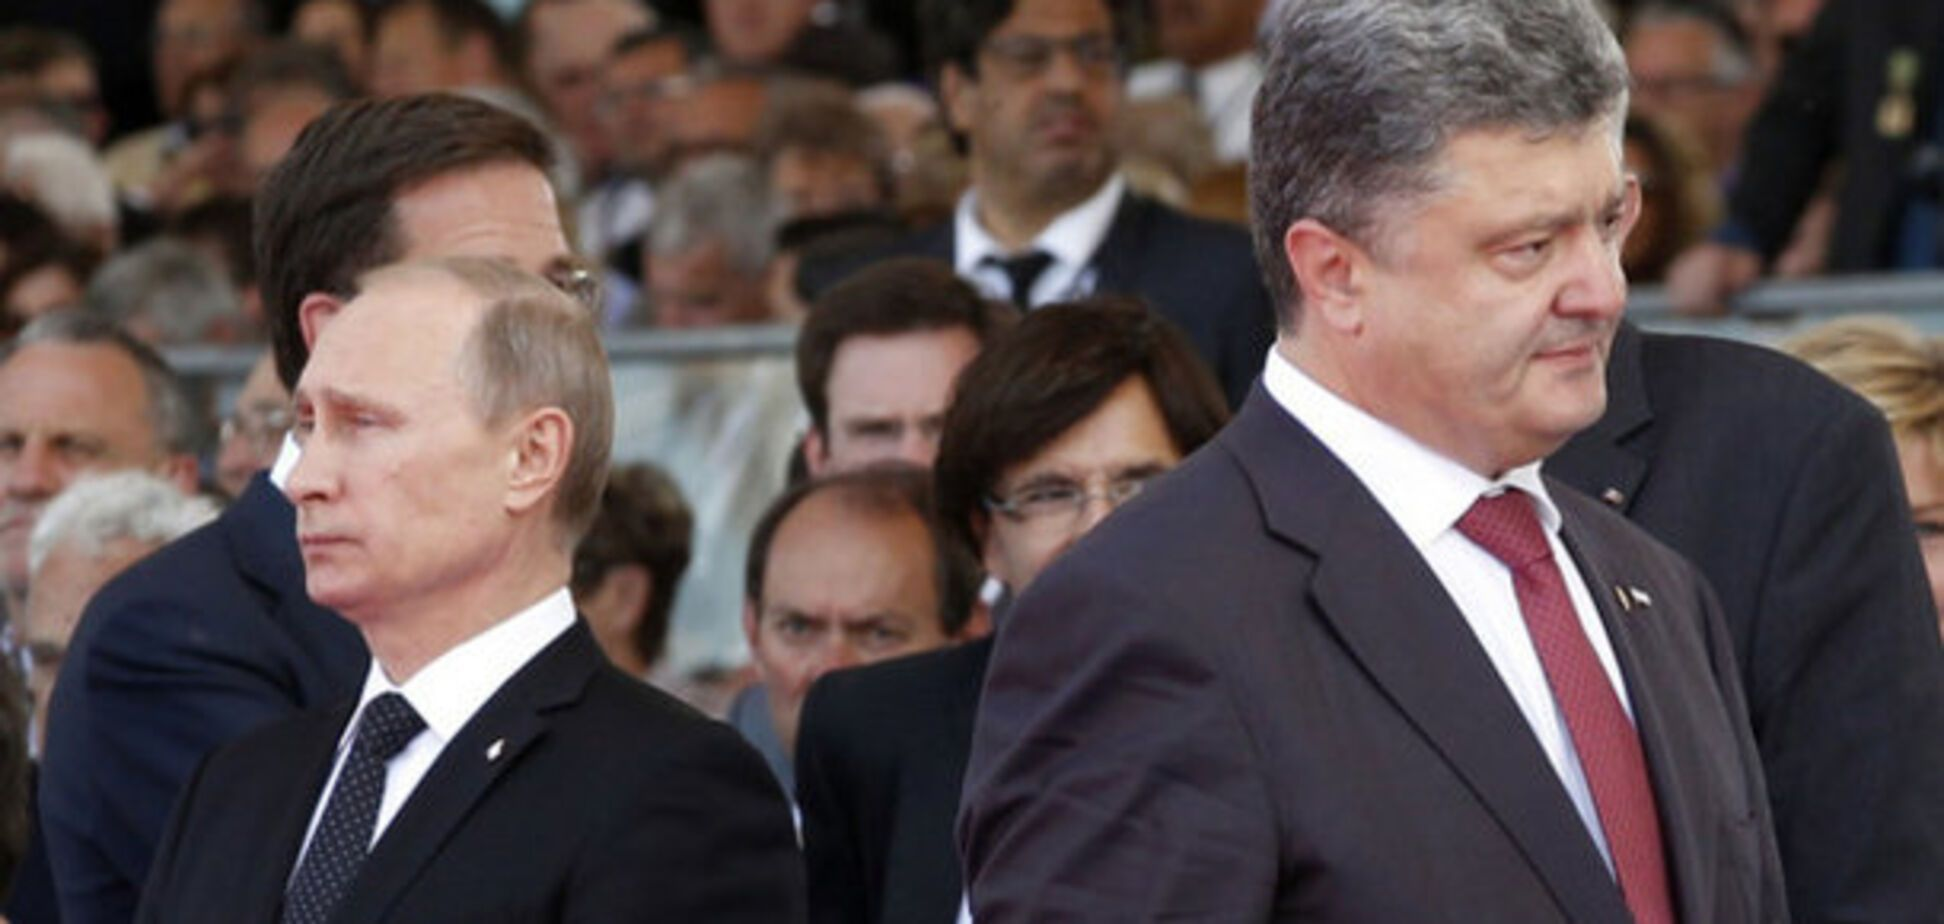 Було! У Кремлі натякнули на таємні зустрічі Путіна і Порошенка: у АП відповіли